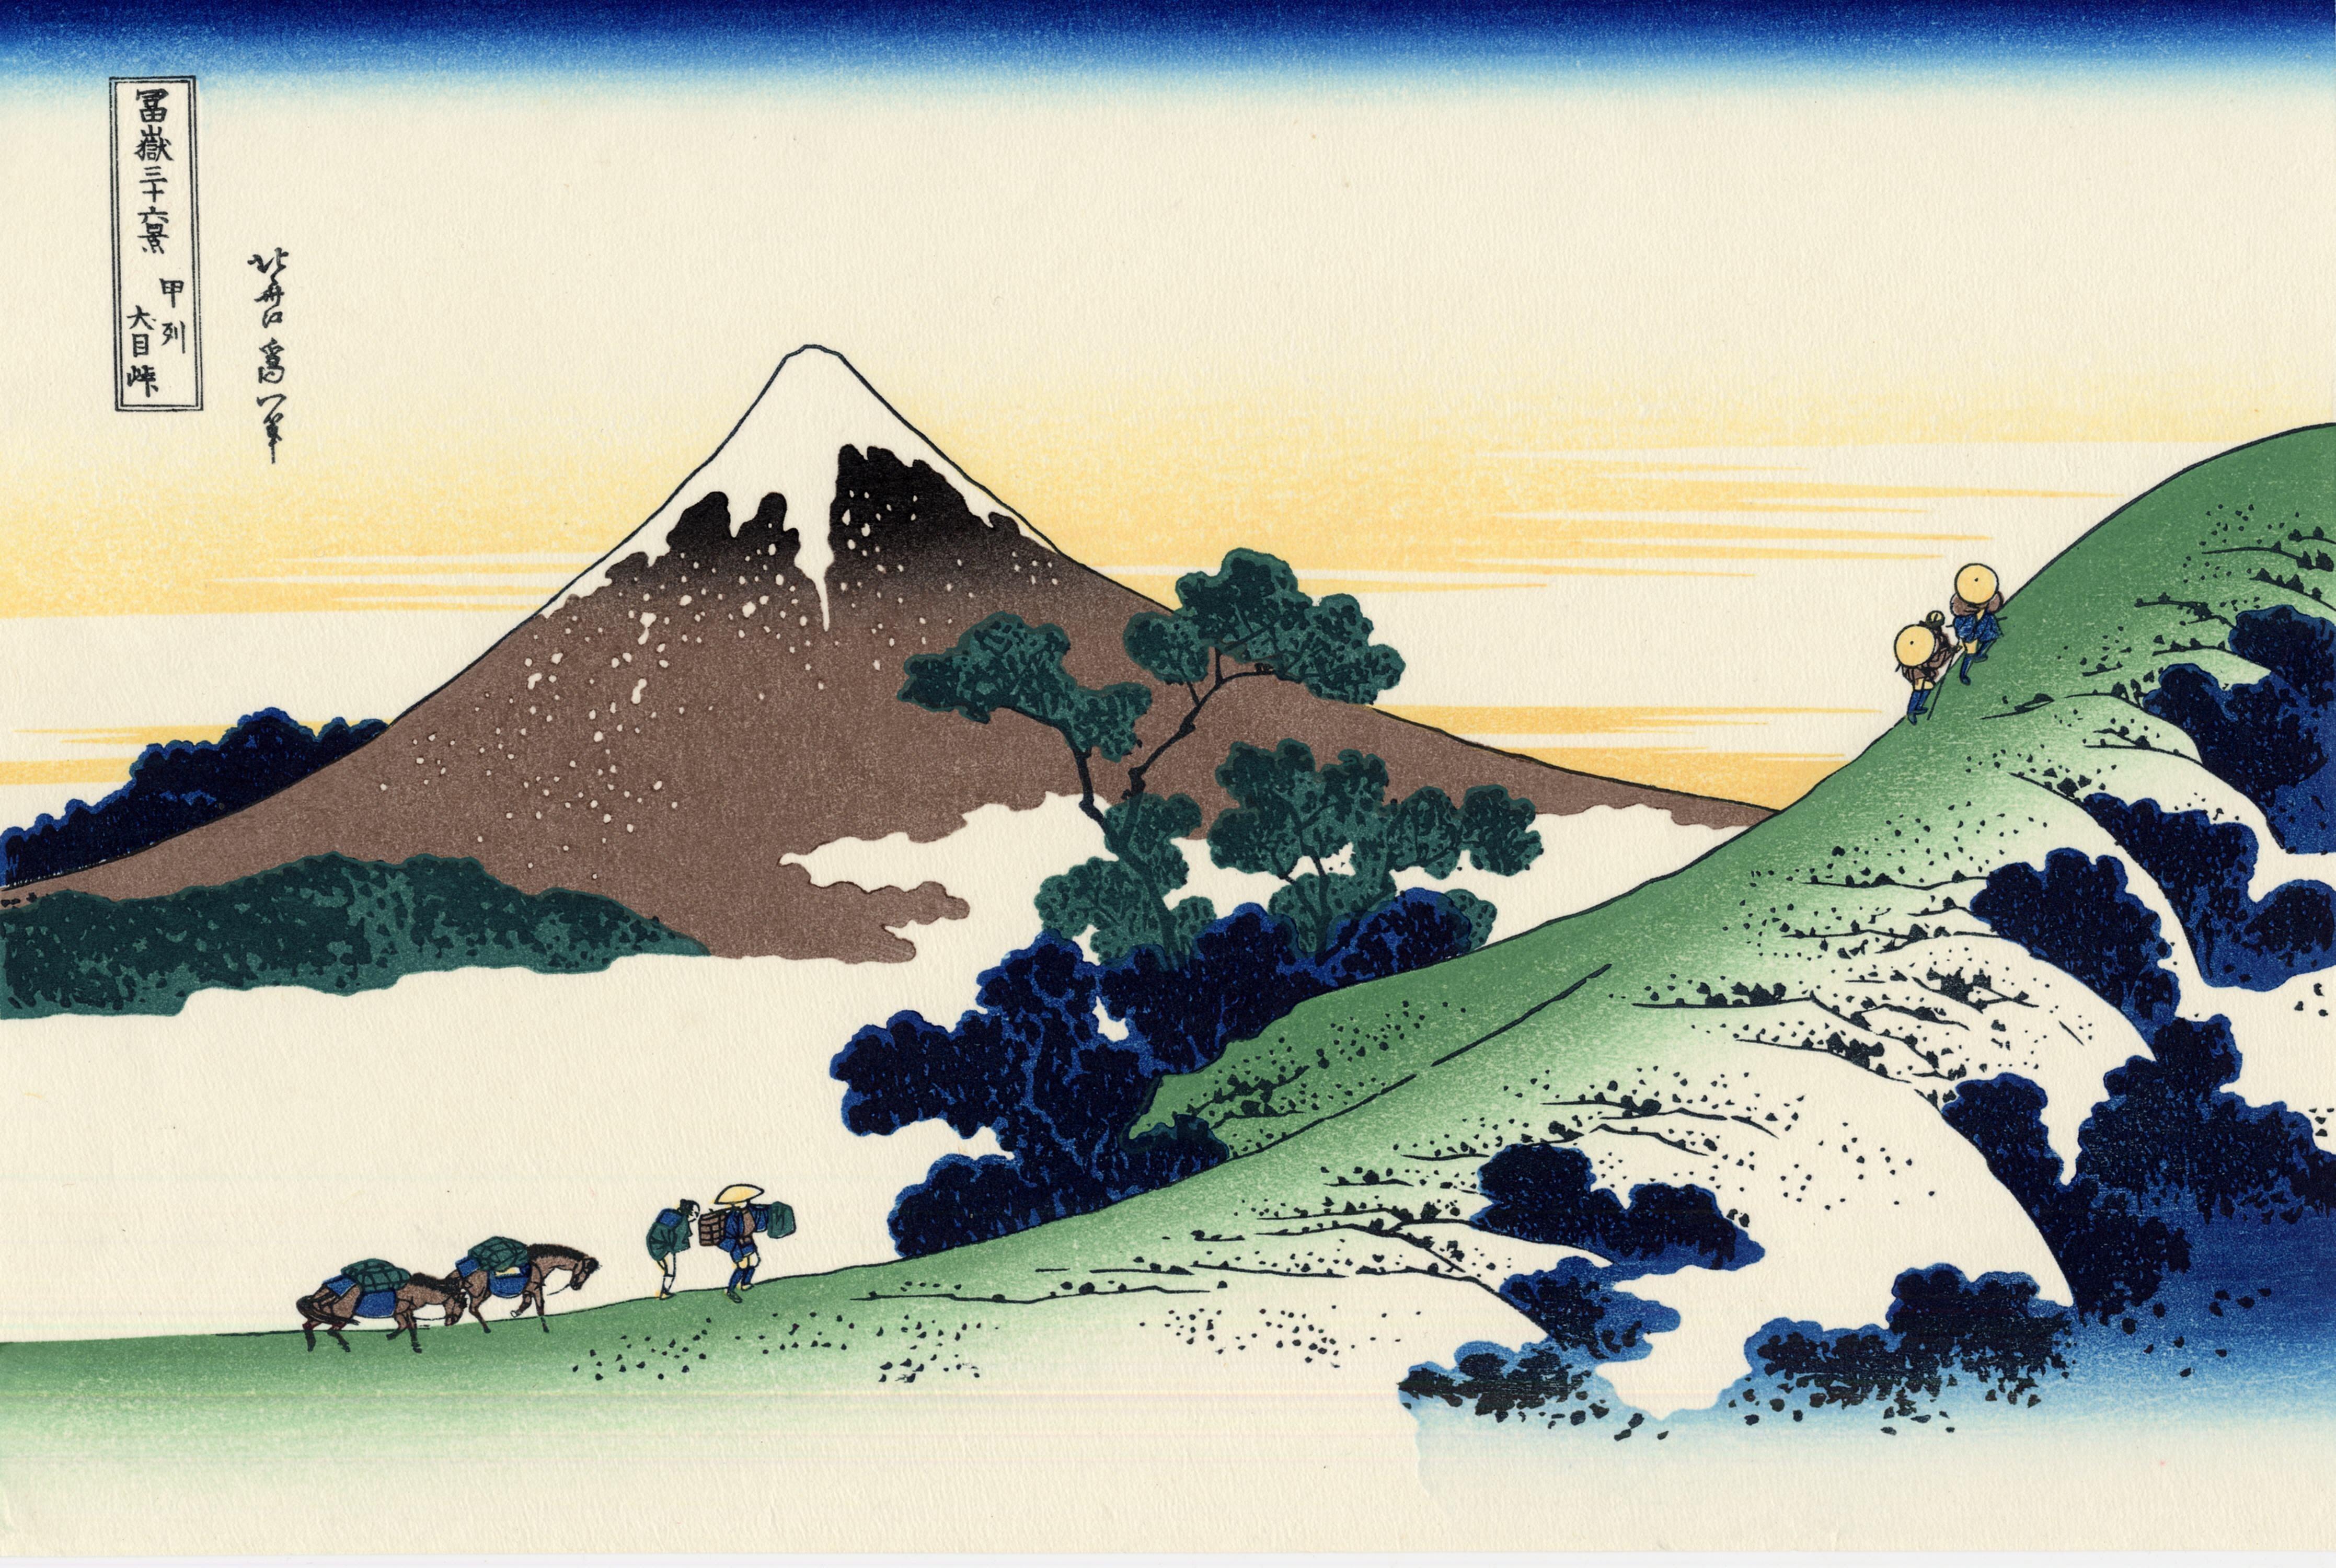 Gambar Langit Matahari Terbenam Gunung Berapi Jepang